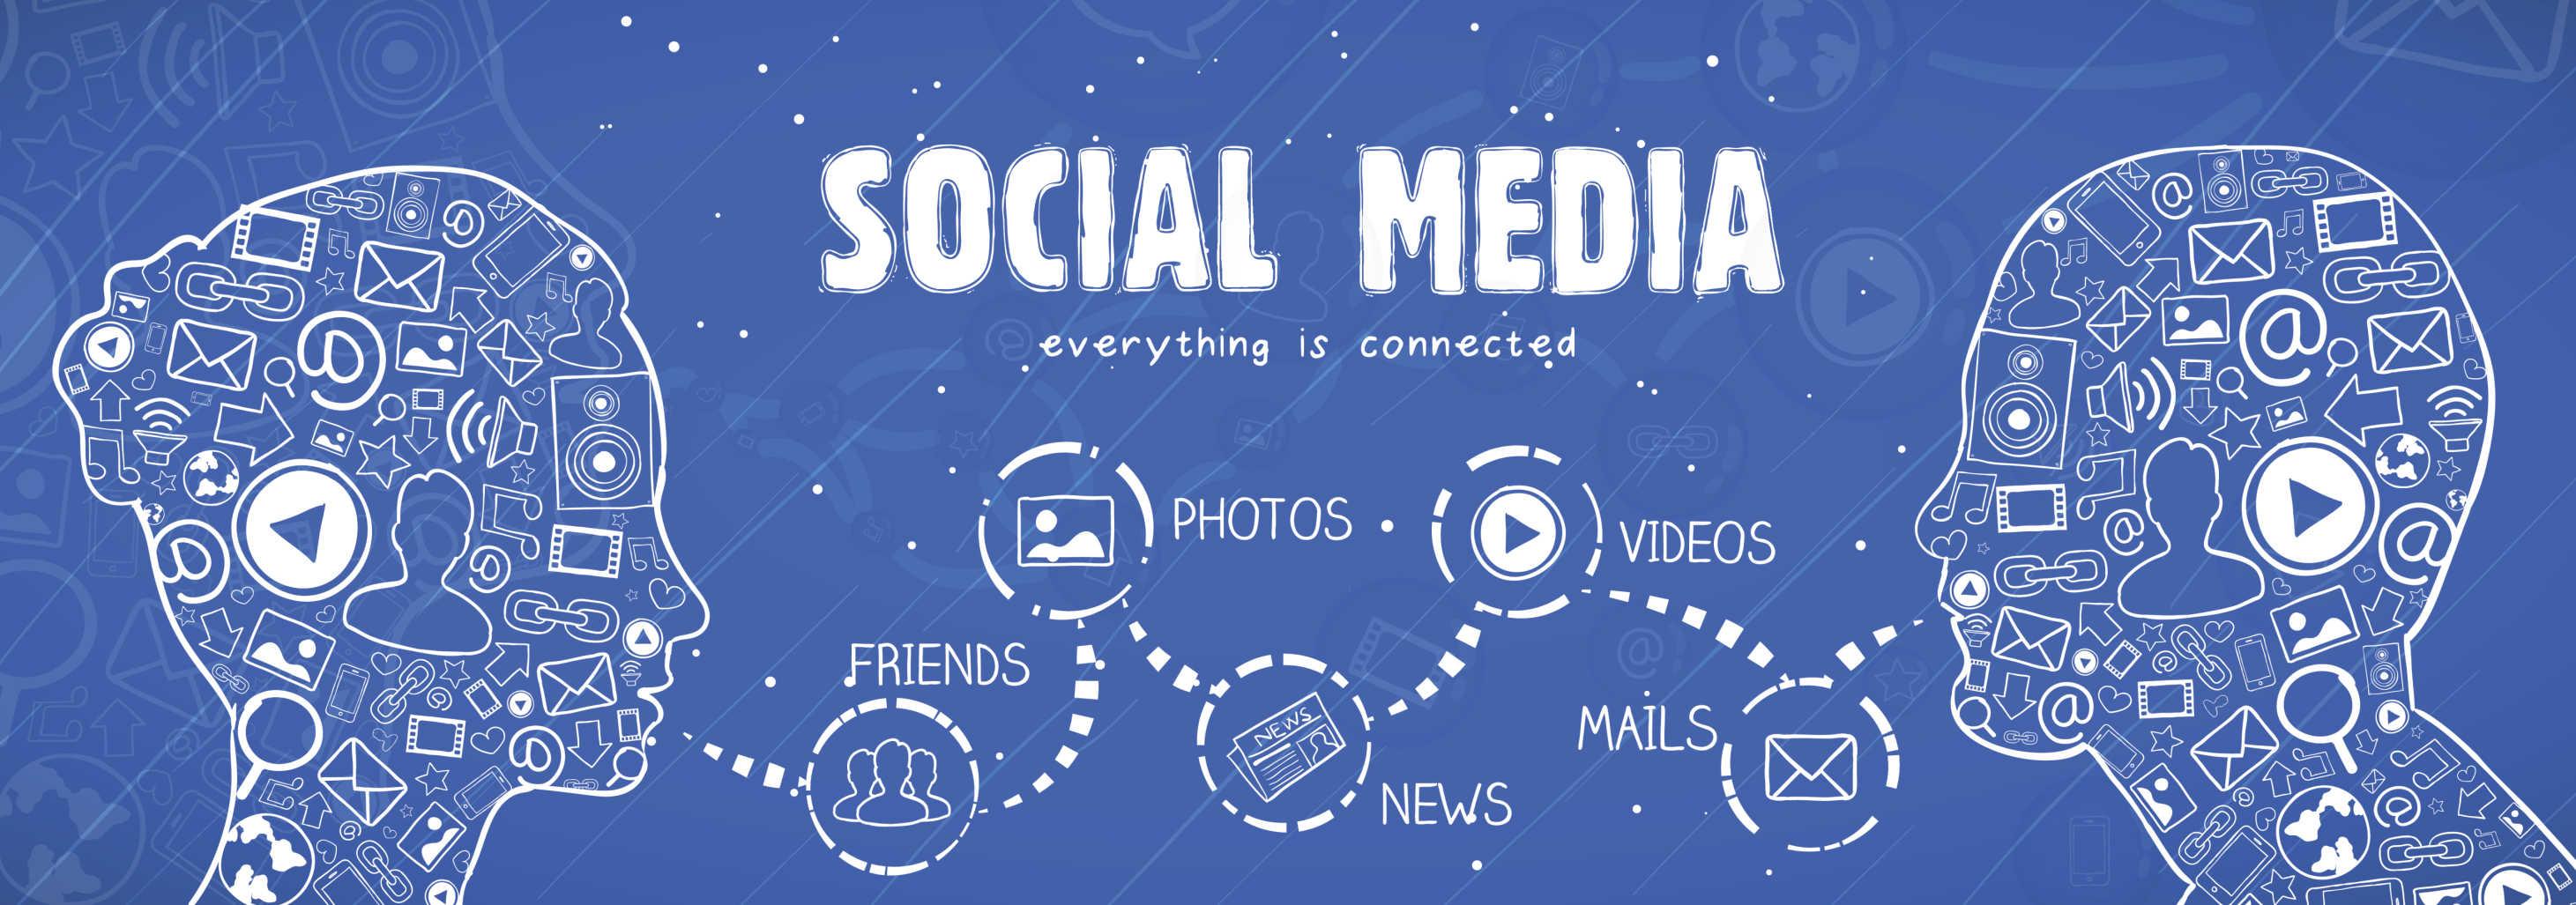 Social Media Marketing Colorado Springs